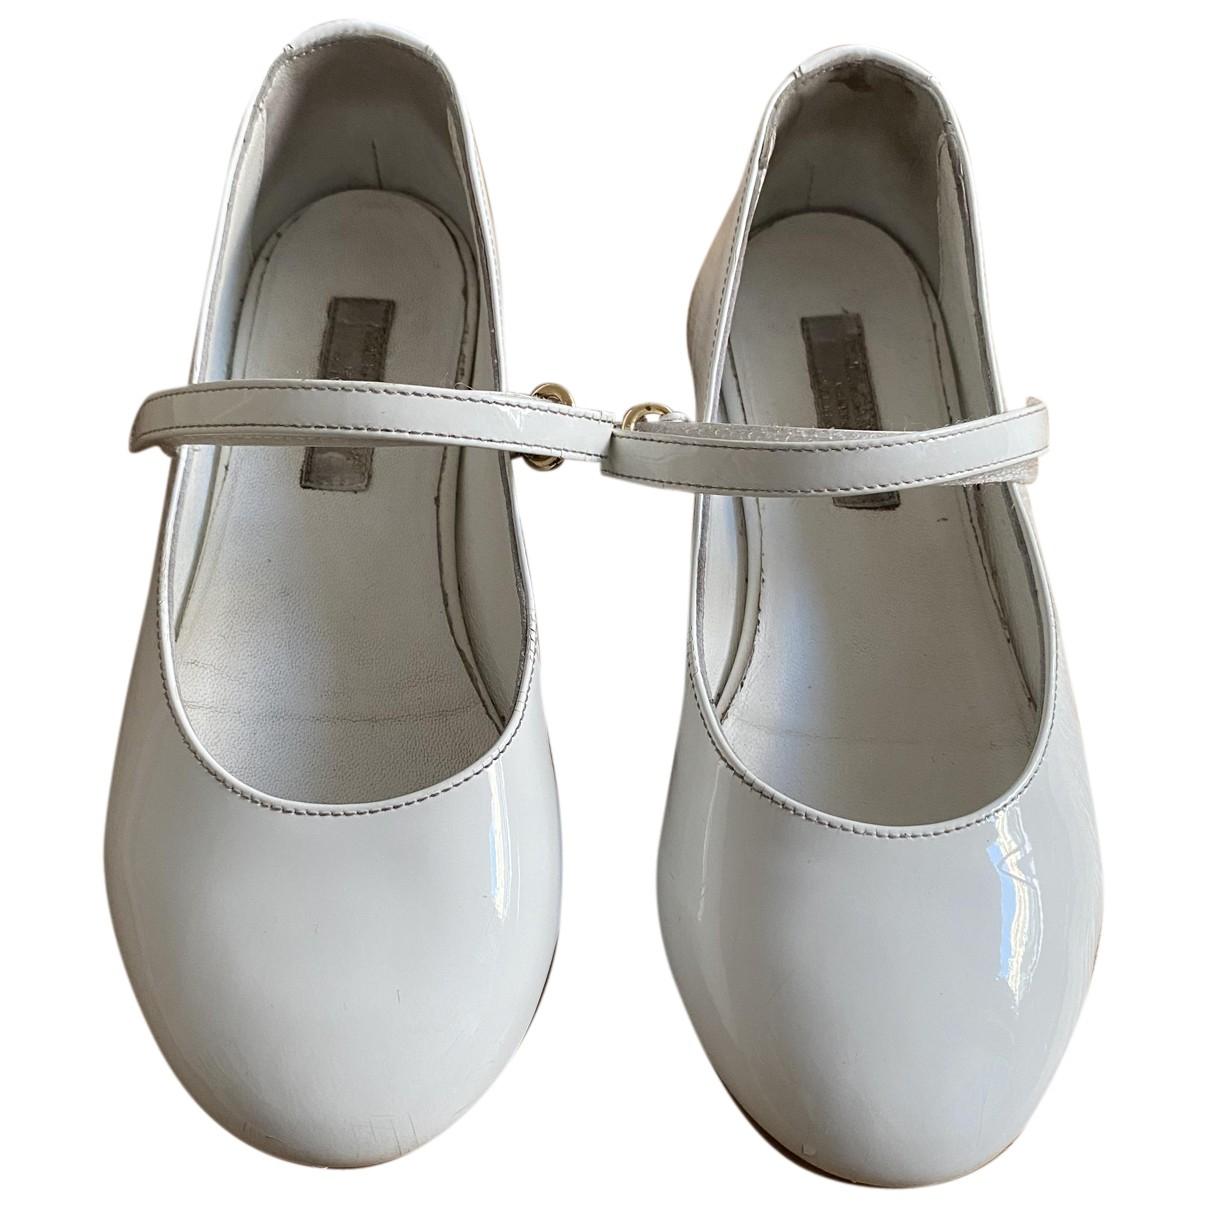 Dolce & Gabbana \N Ballerinas in  Weiss Lackleder